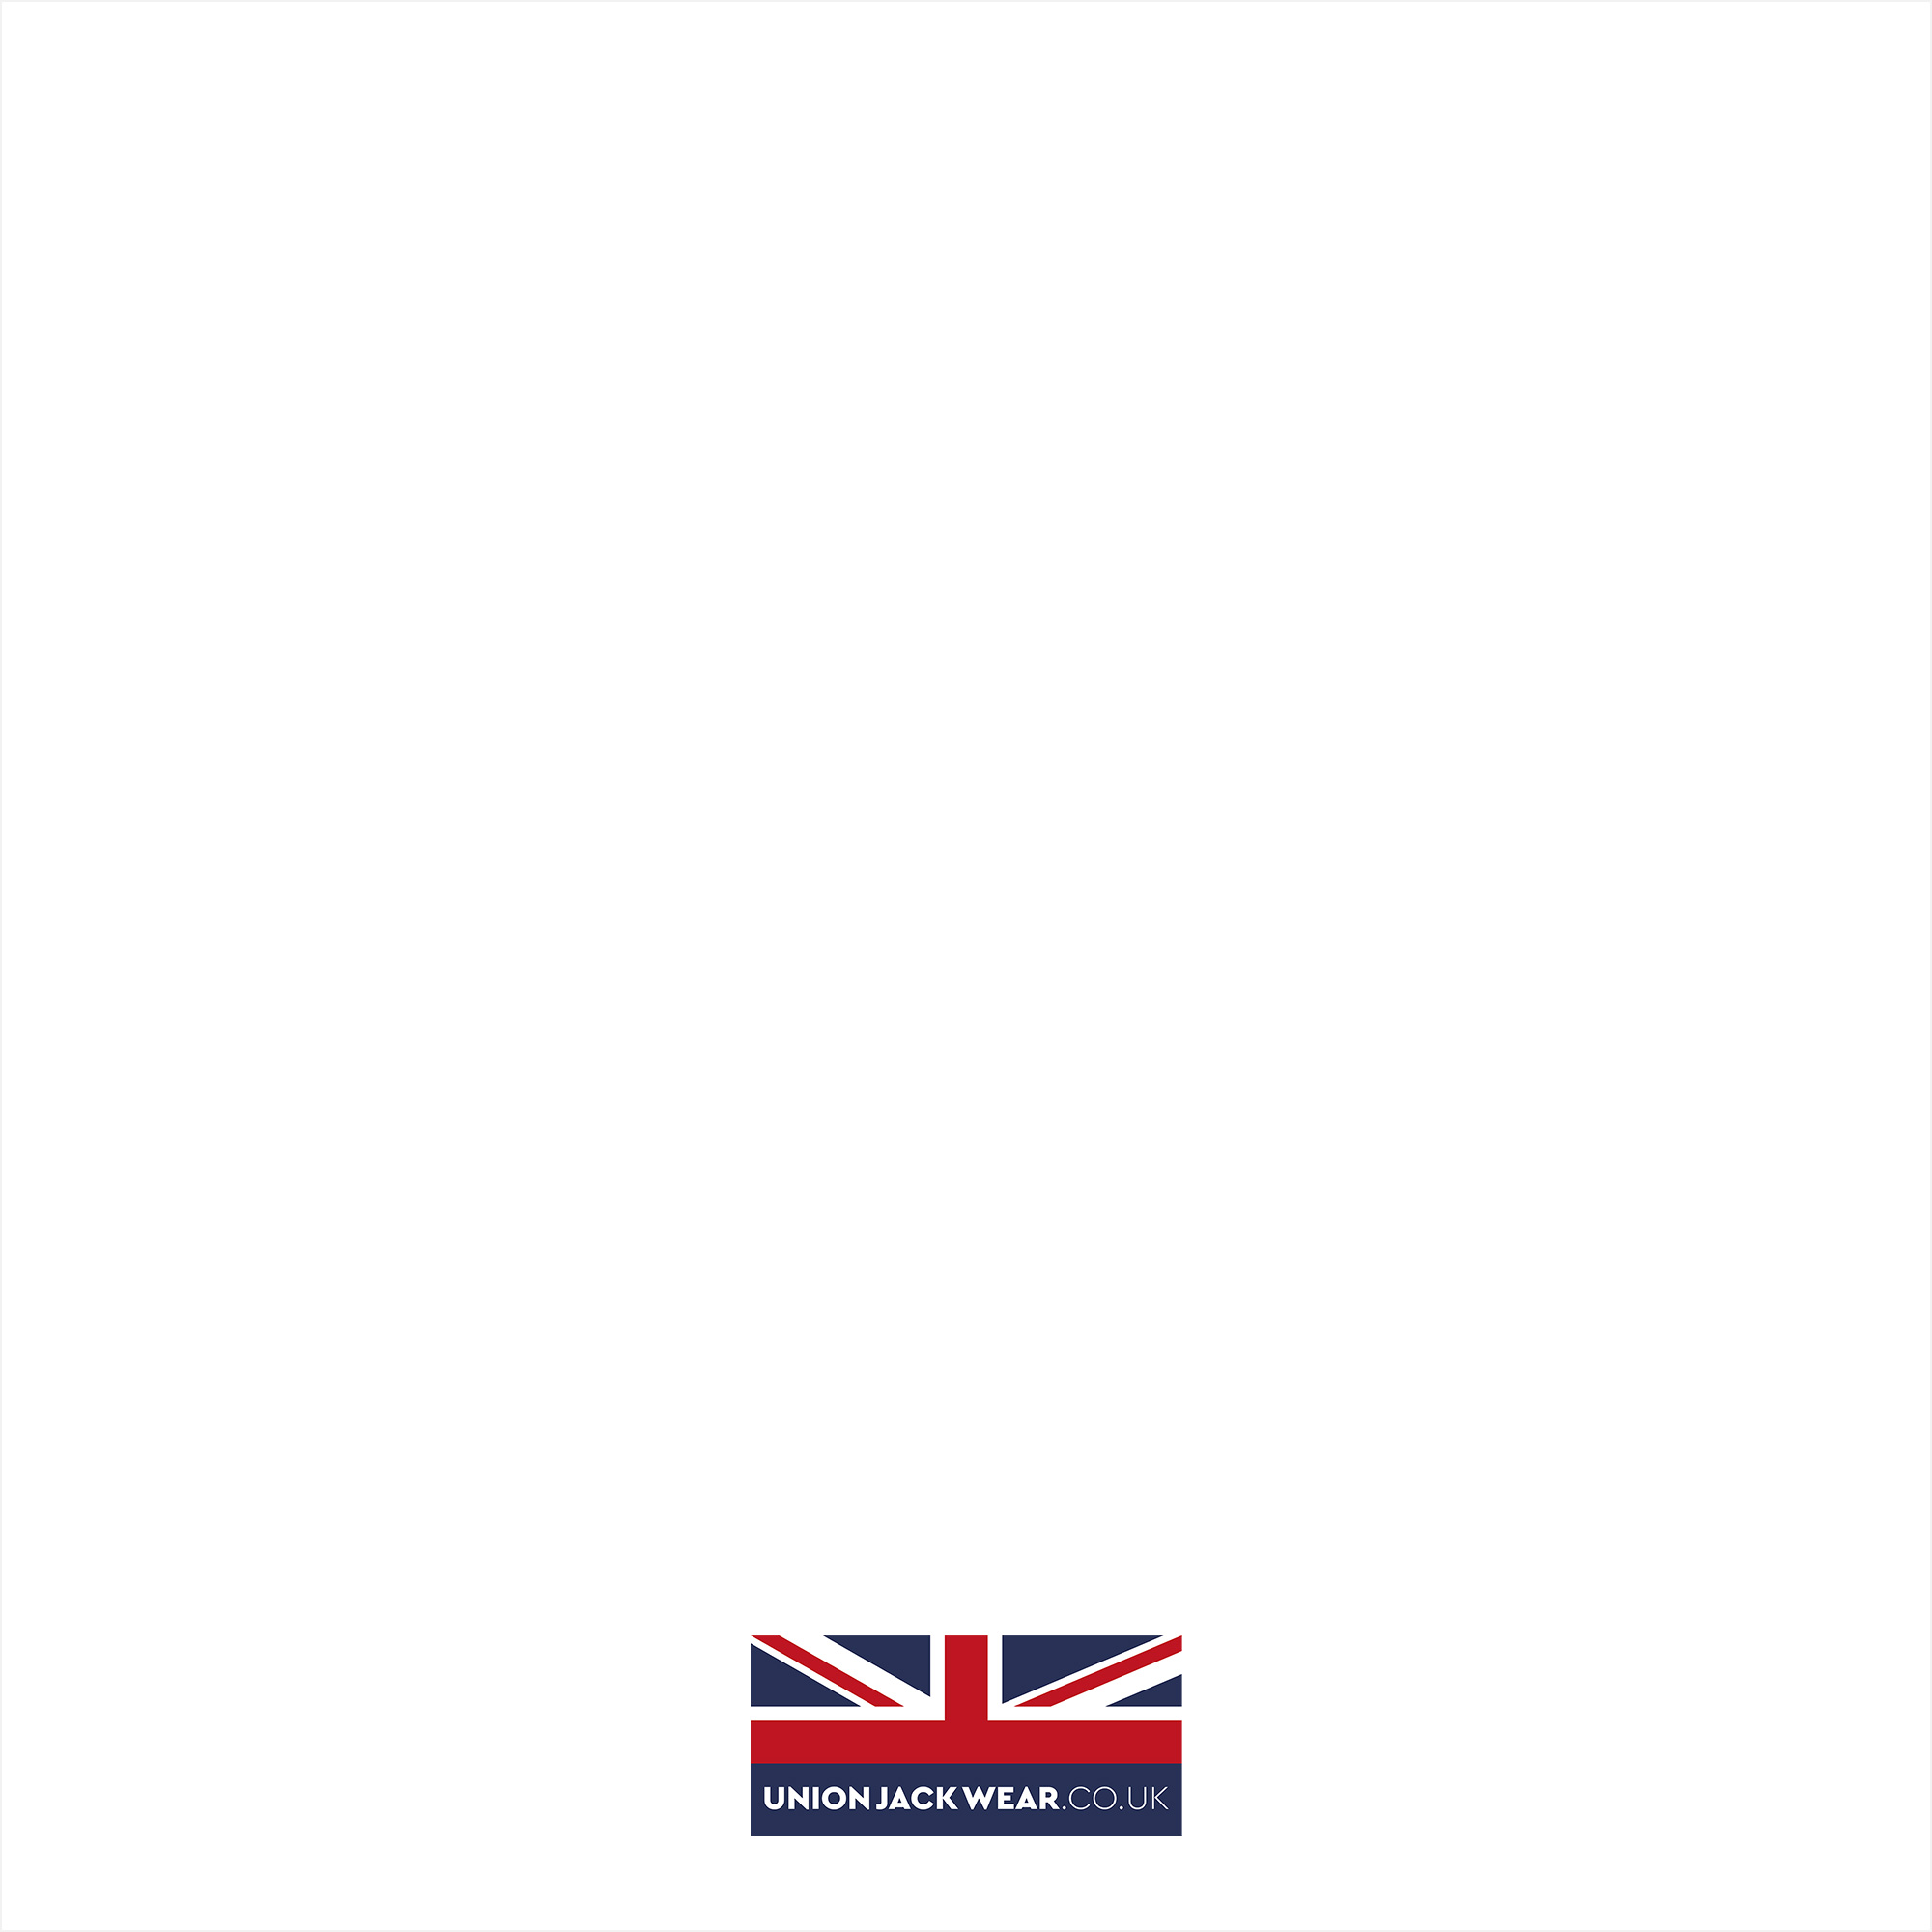 Union Jack Iconic London Shopping bag